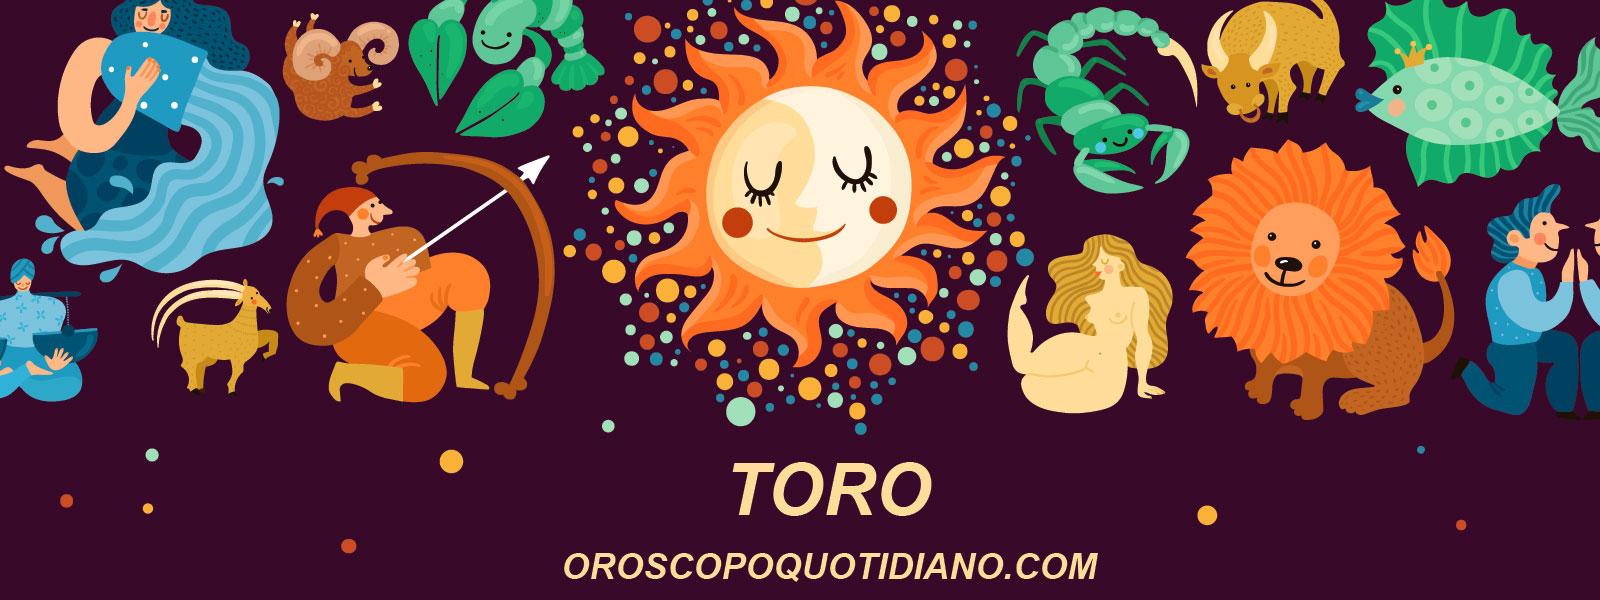 https://oroscopoquotidiano.com/wp-content/uploads/2020/02/Toro-per-Oroscopo-Quotidiano.jpg